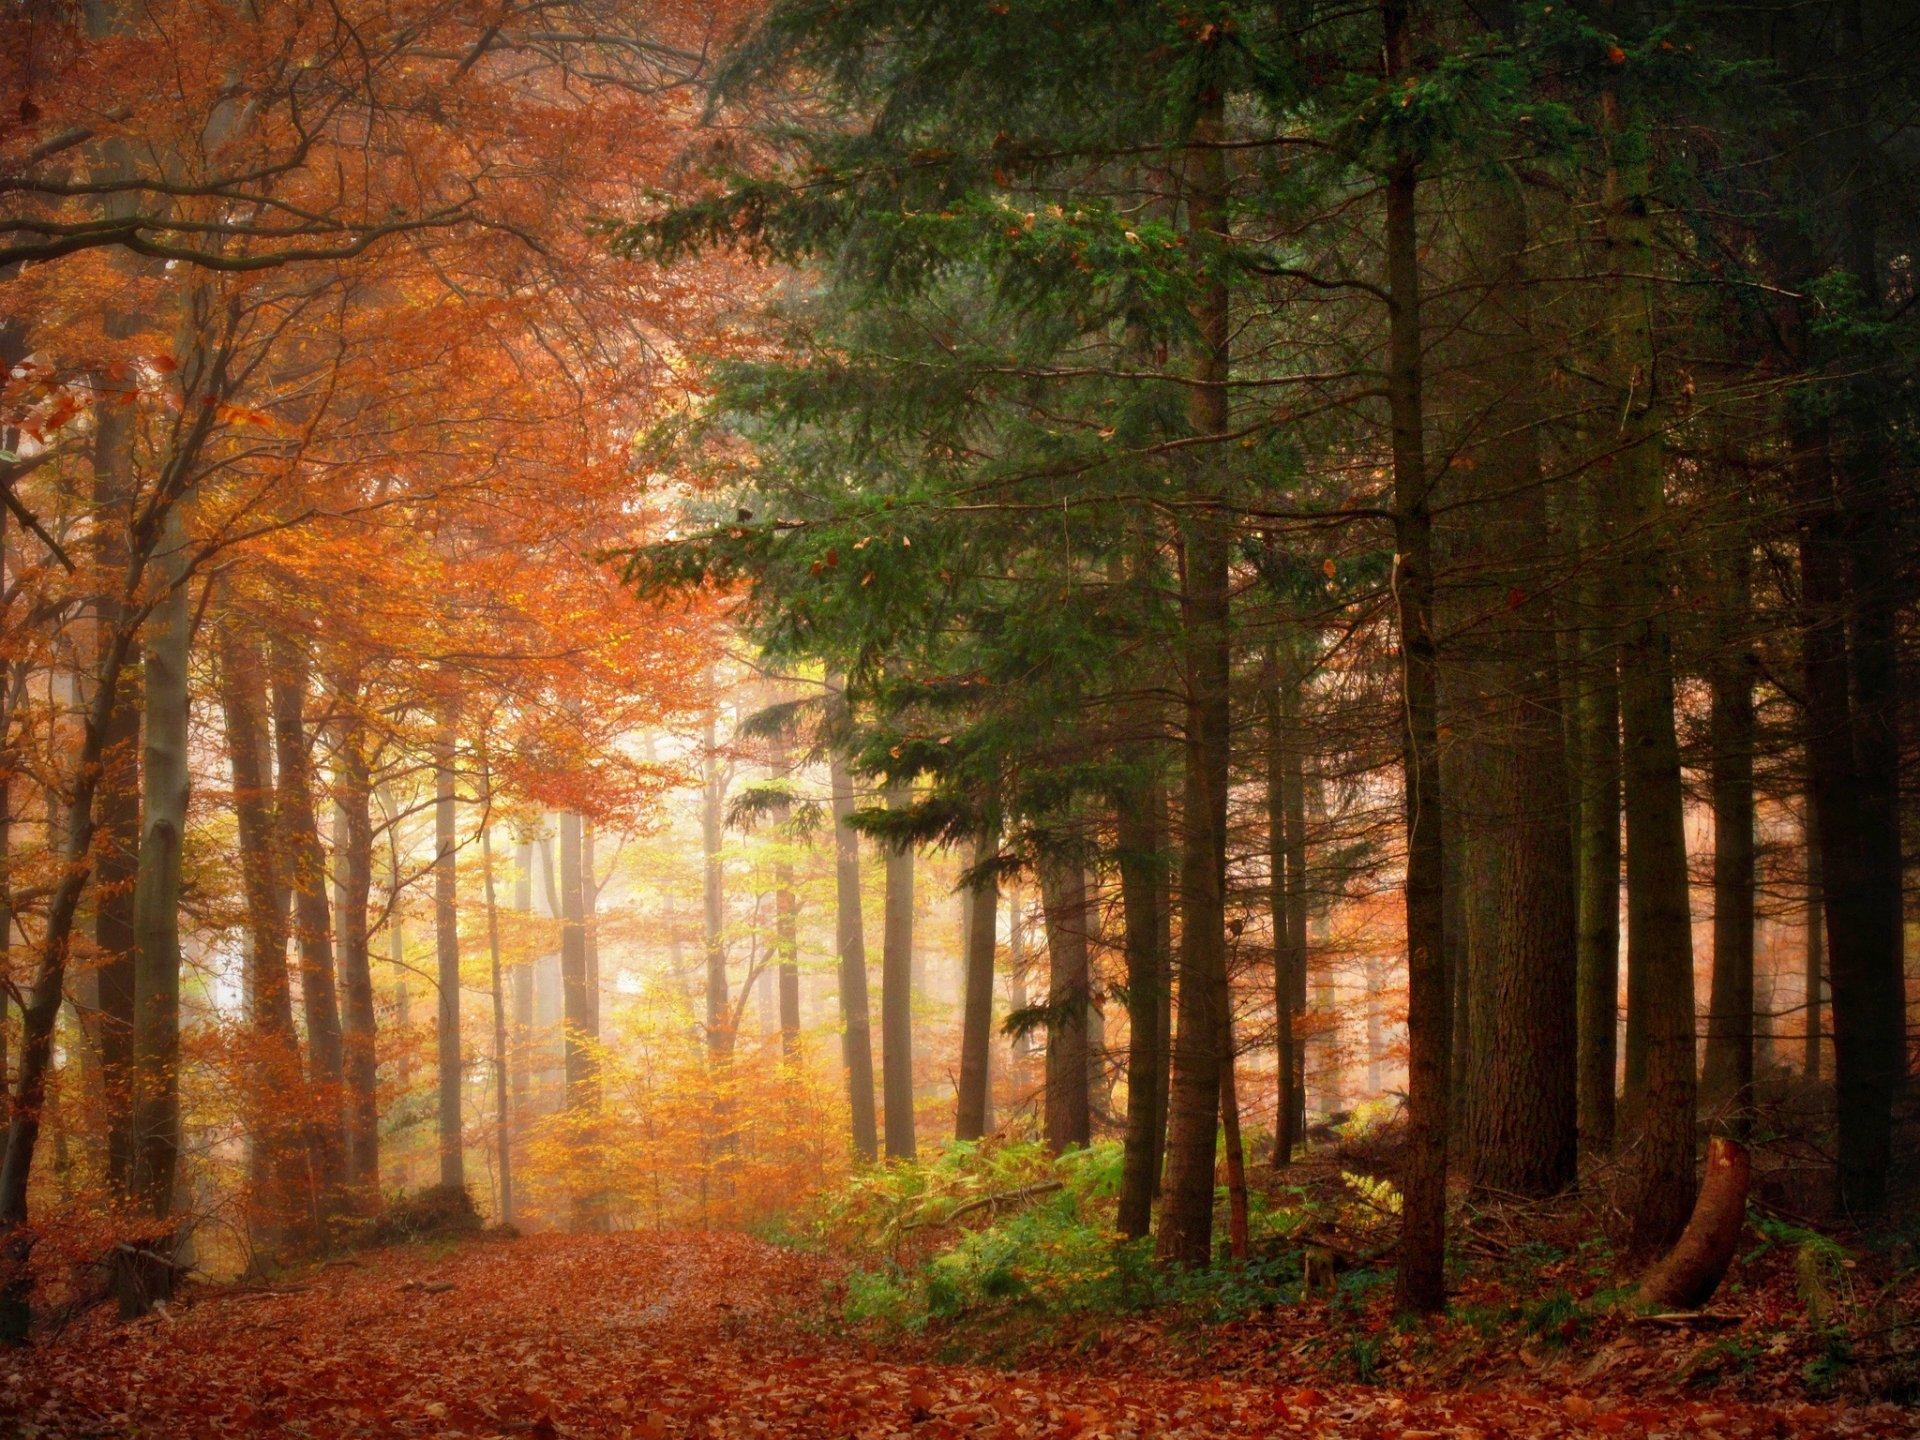 Earth - Fall  Forest Season Landscape Wallpaper